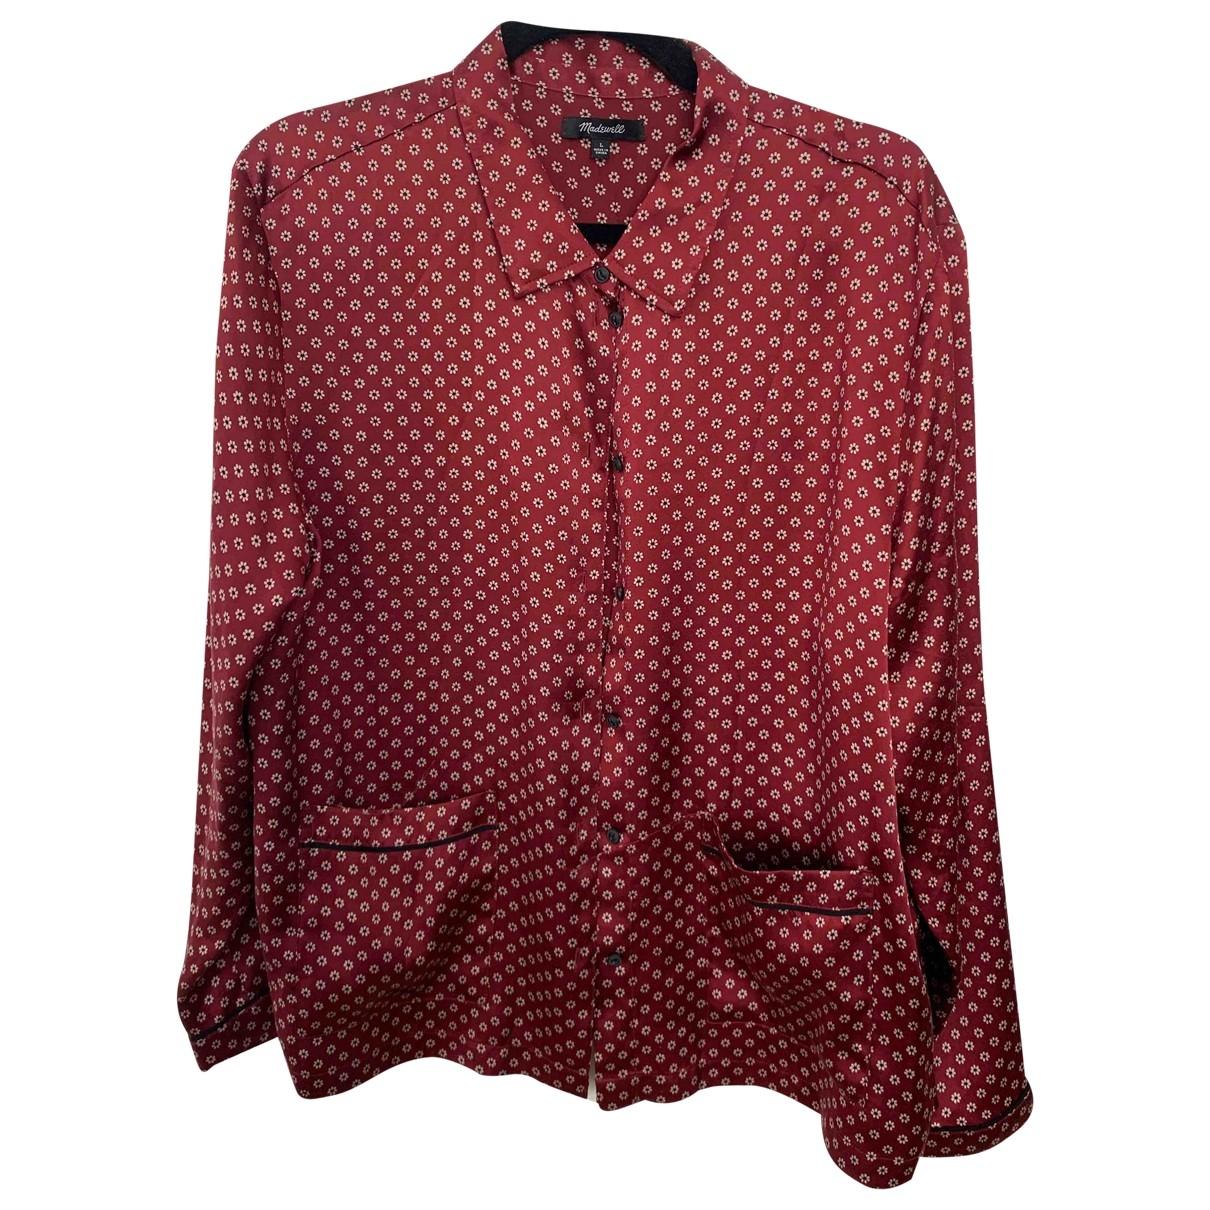 Madewell - Top   pour femme en soie - bordeaux